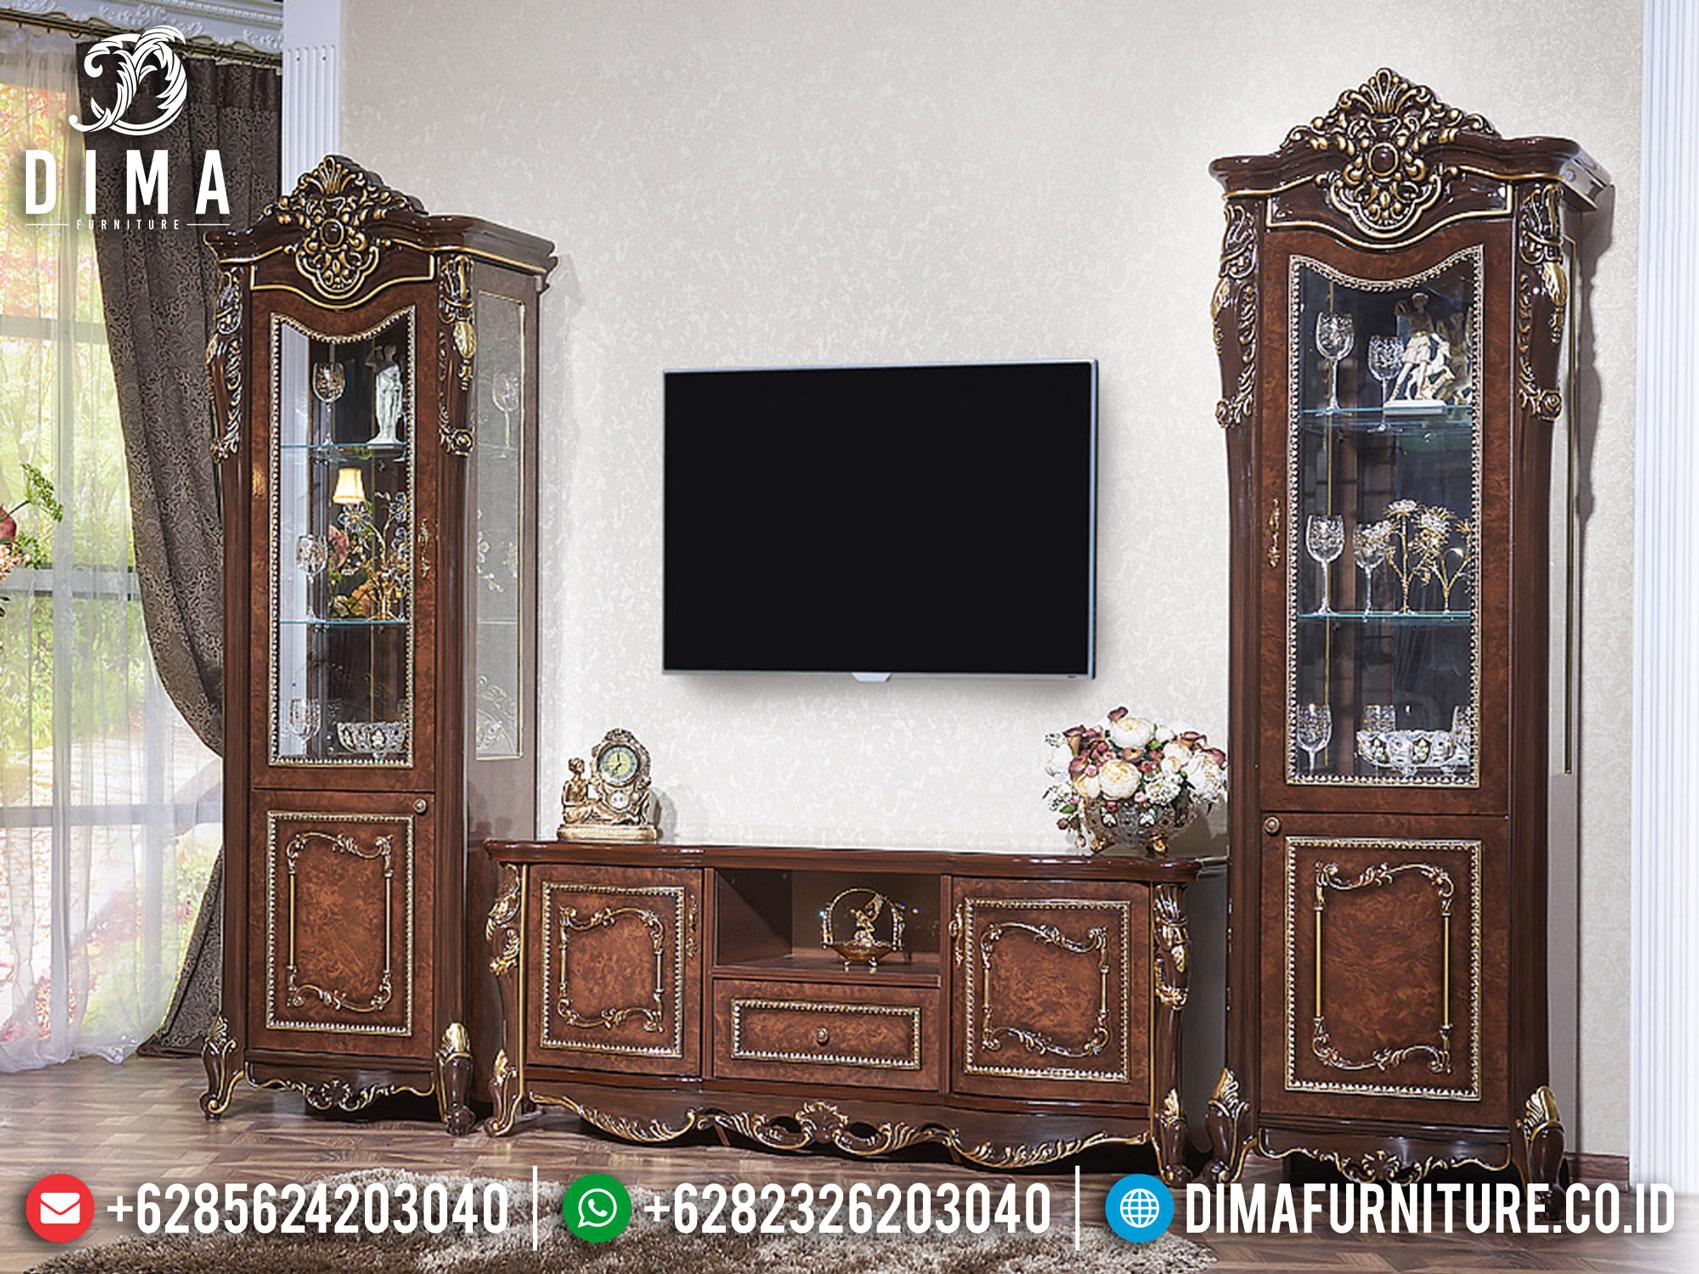 Imperial Style Bufet TV Mewah, Lemari Hias Kaca Terbaru Luxury Carving Marquetry BT-0871